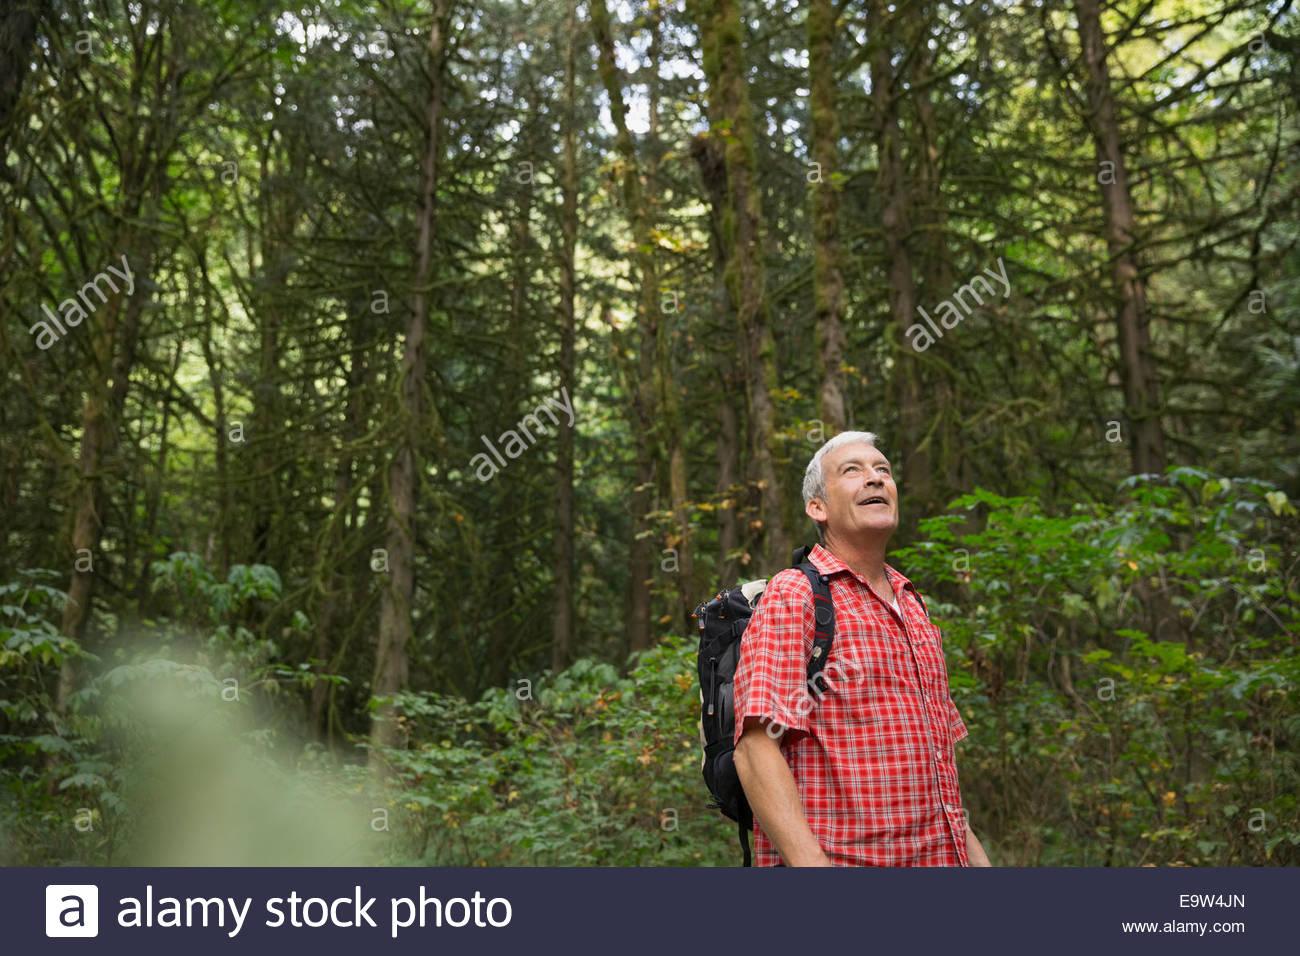 Uomo che guarda verso l'alto in corrispondenza degli alberi nei boschi Immagini Stock